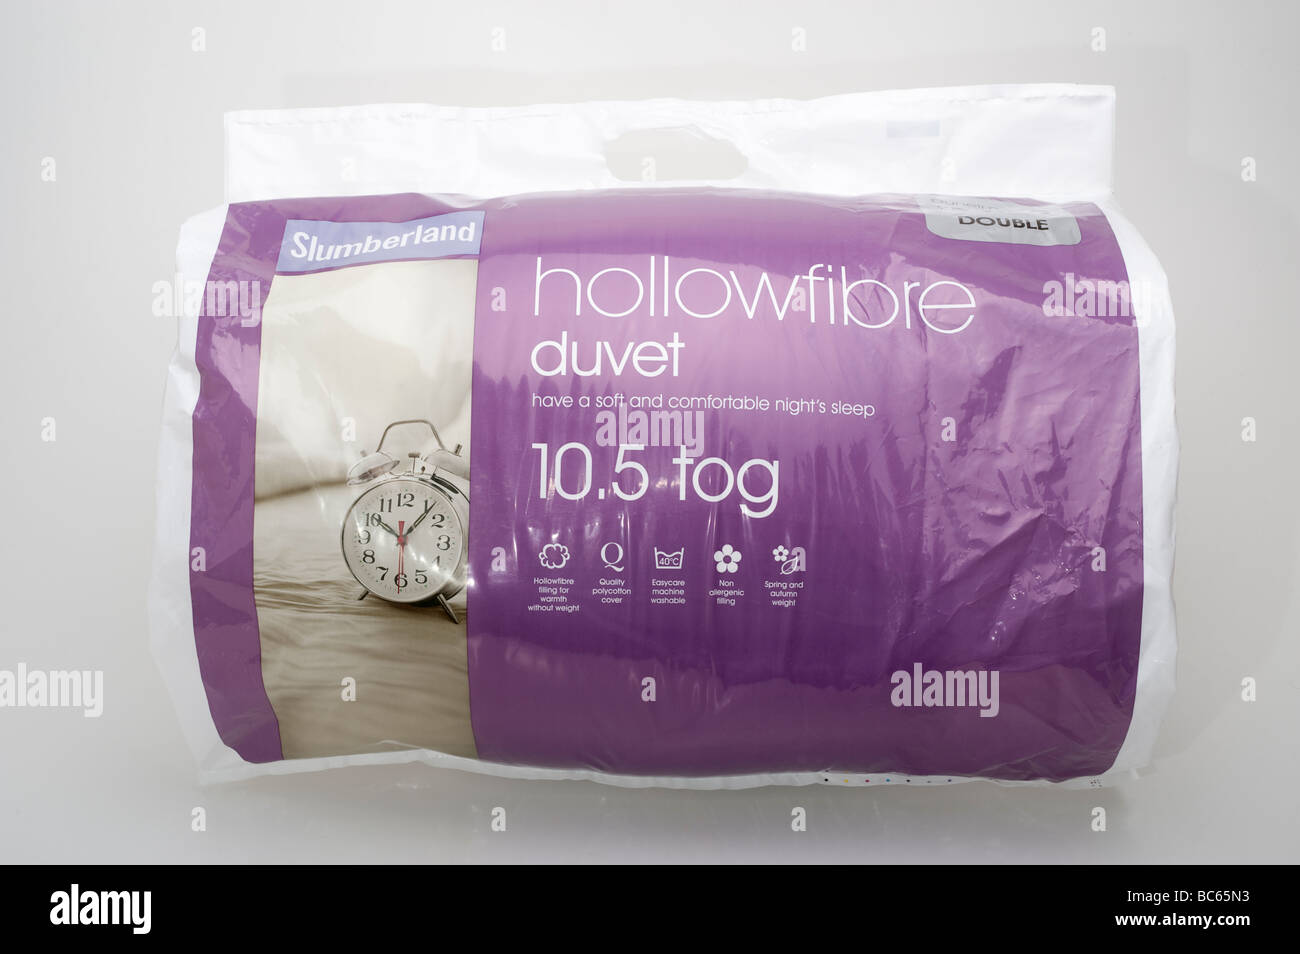 Hollowfibre duvet plastic carrier bag - Stock Image